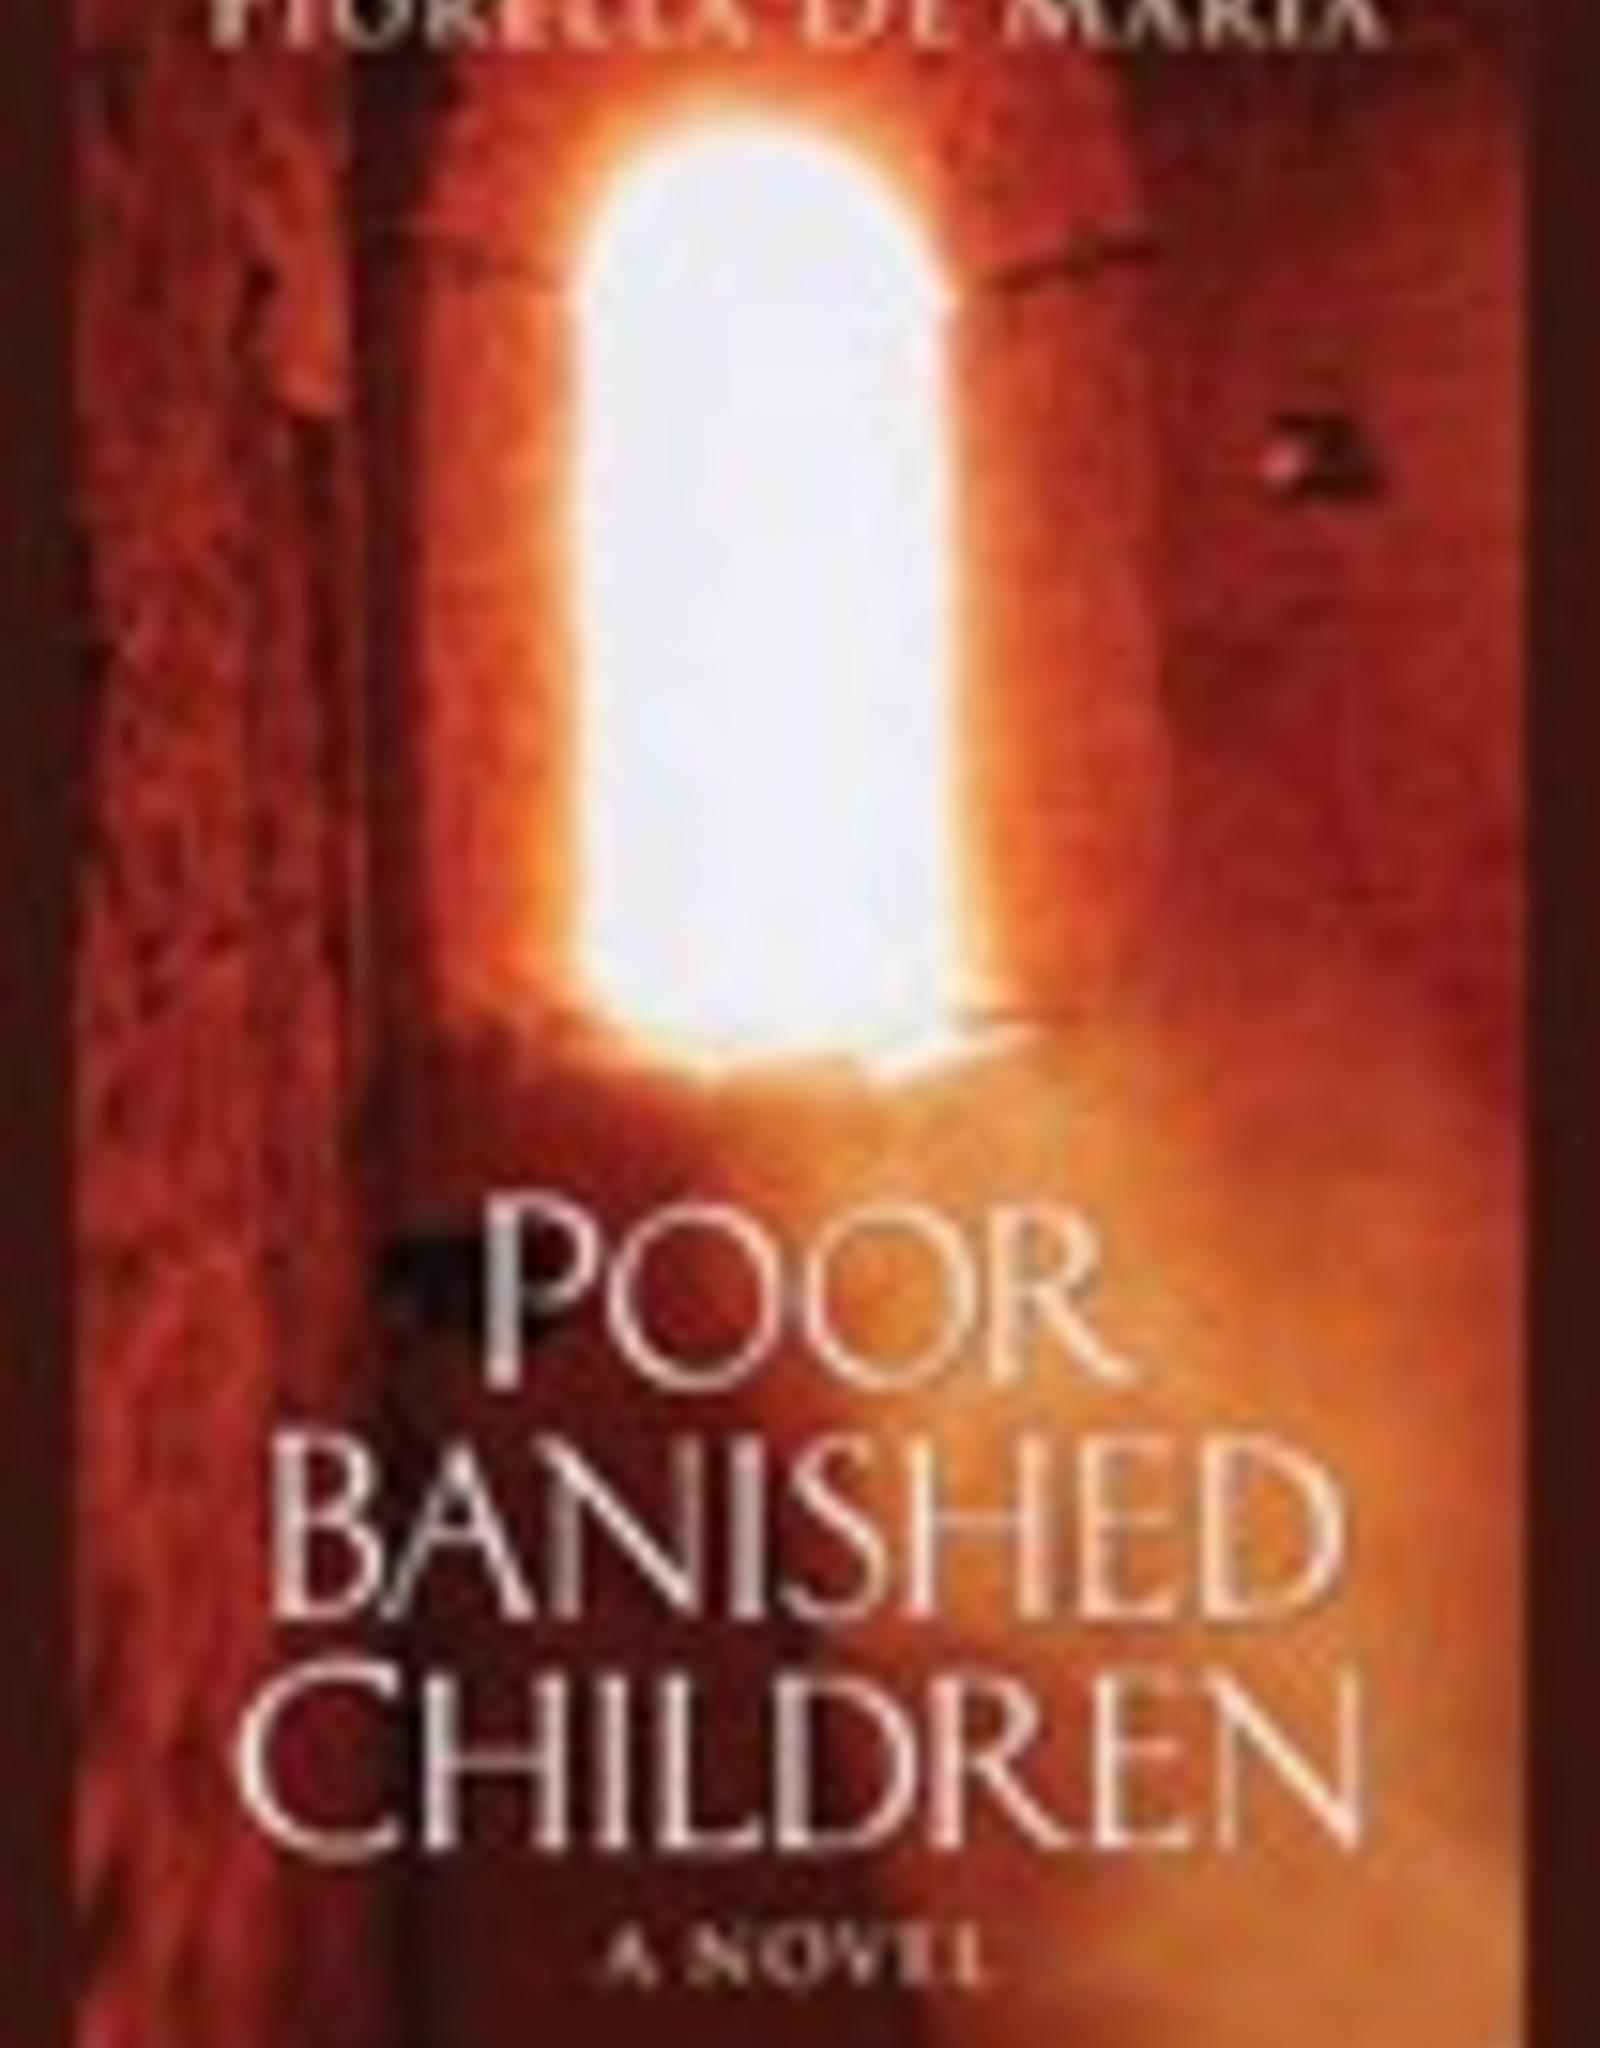 Ignatius Press Poor Banished Children:  A Novel, by Florella de Maria Nash (hardcover)